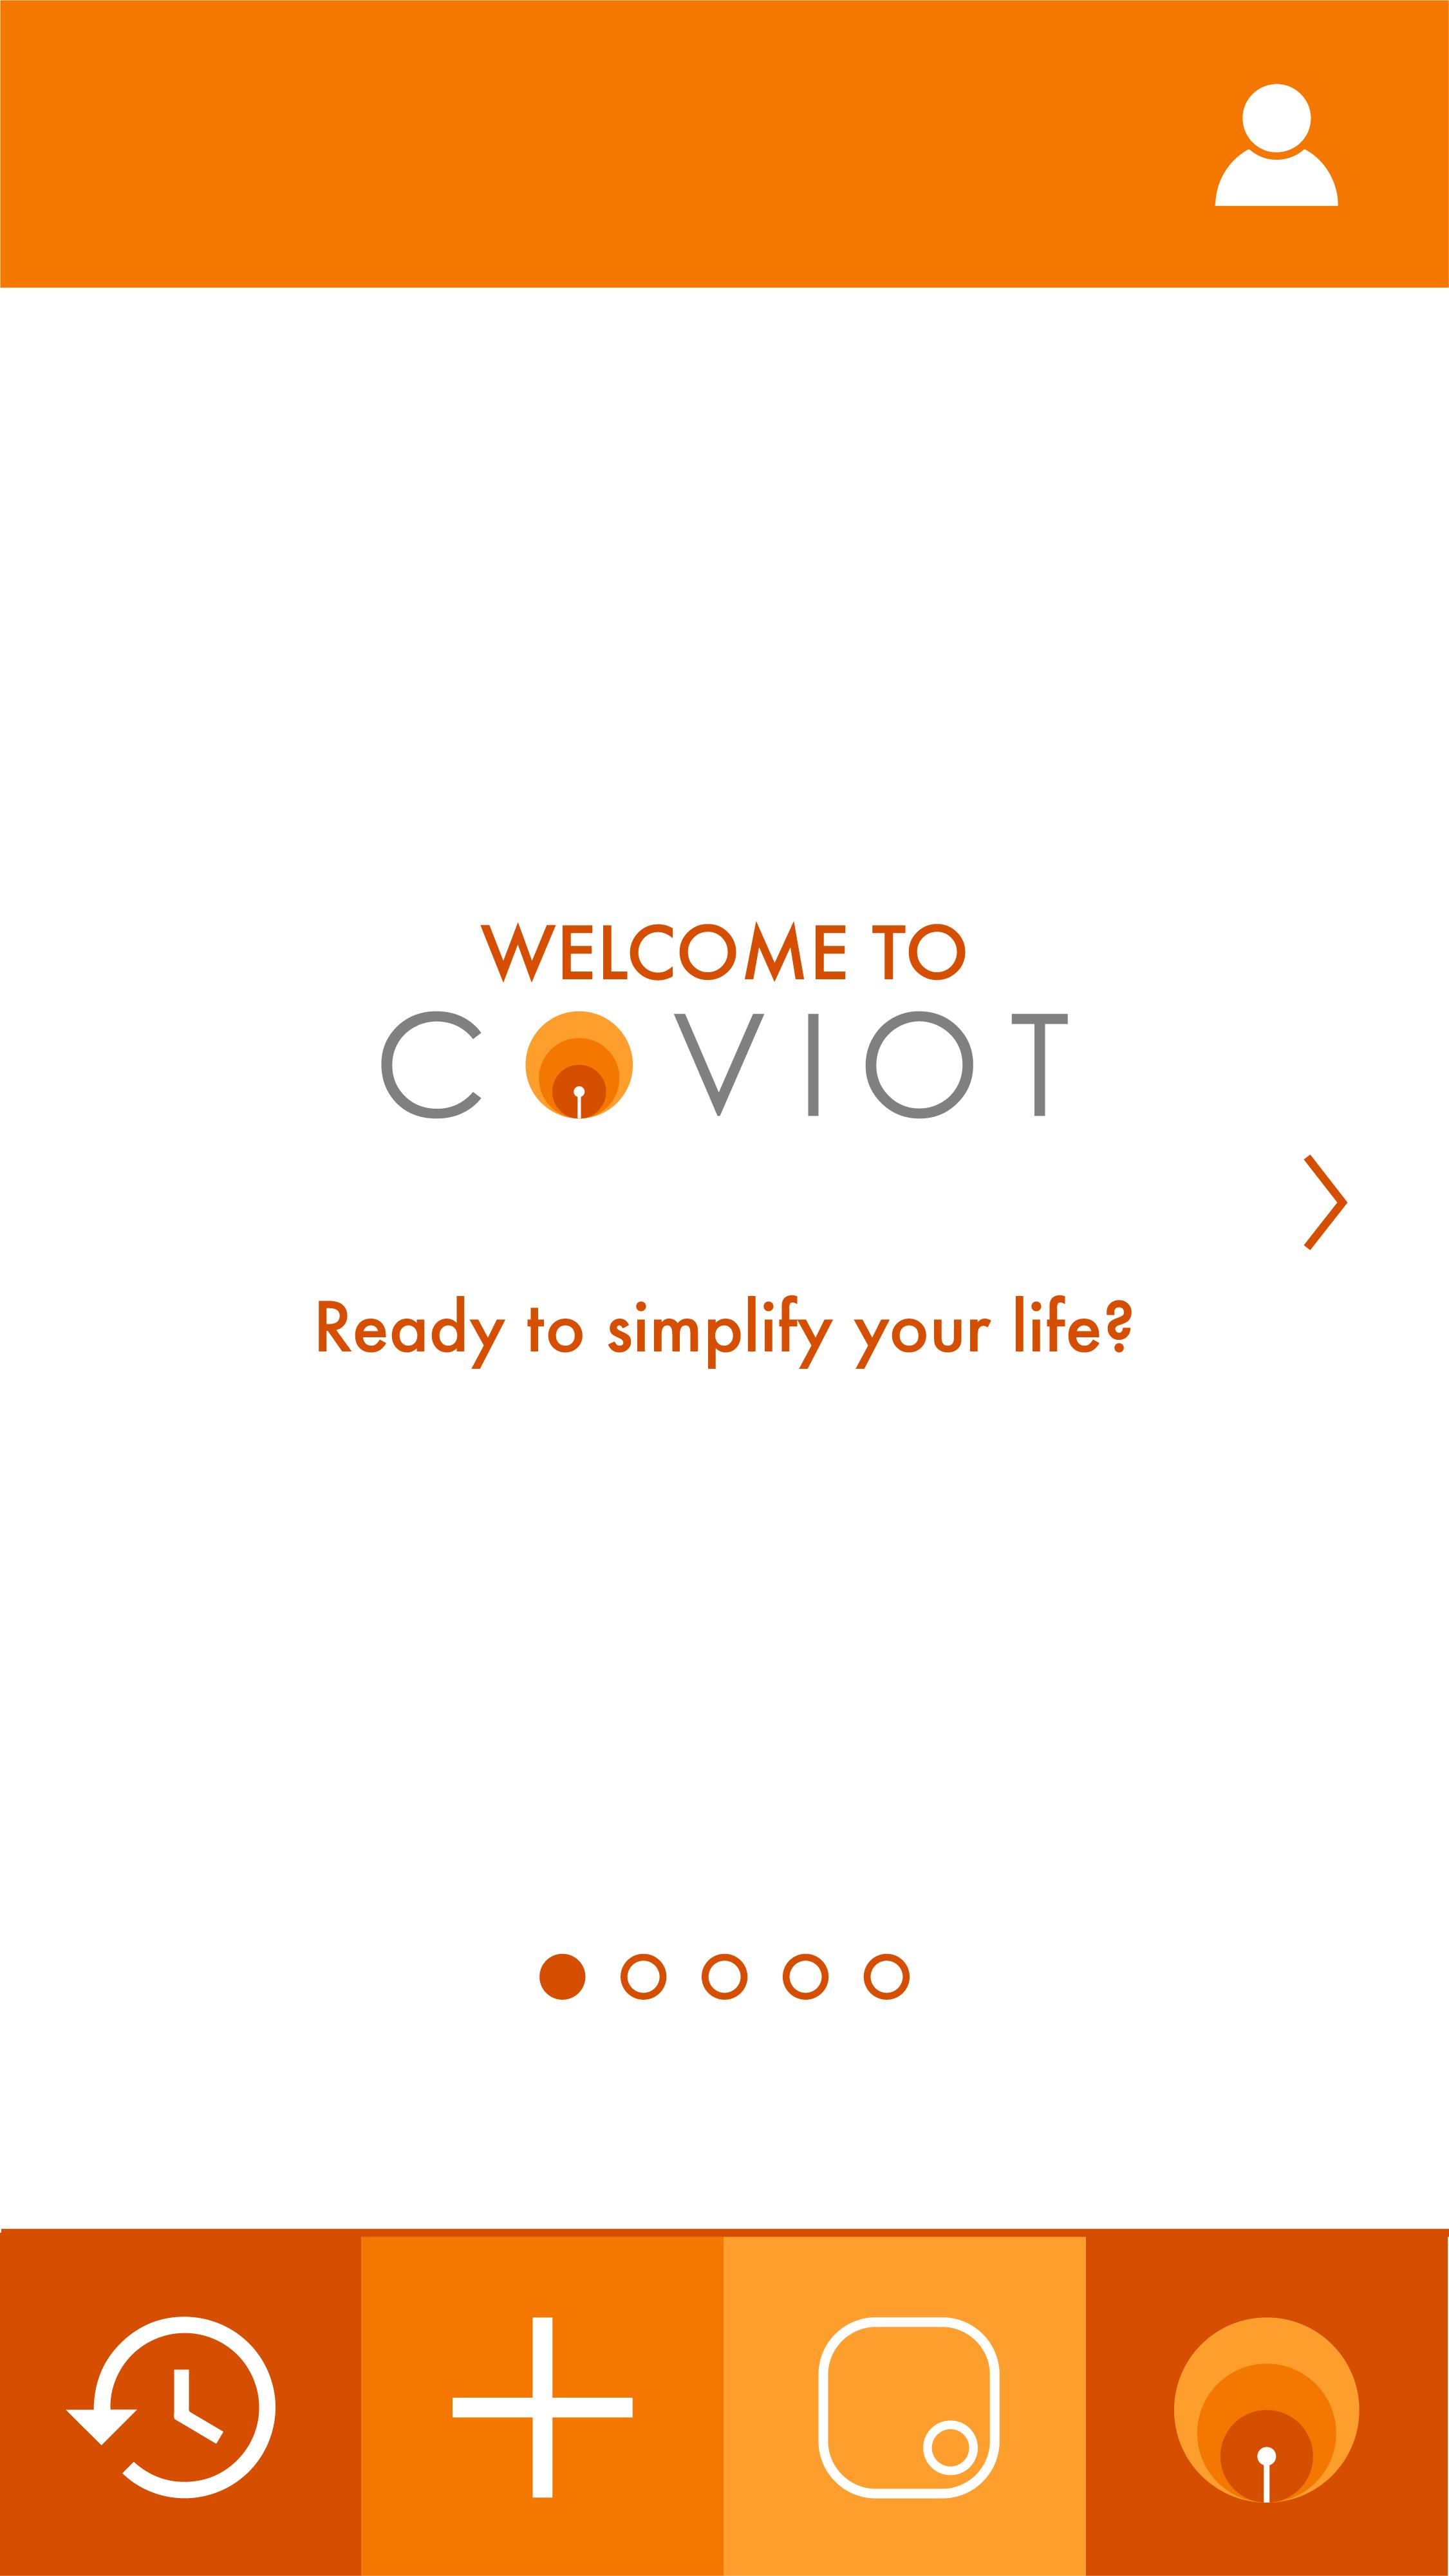 Coviot_app_15-9-01.png